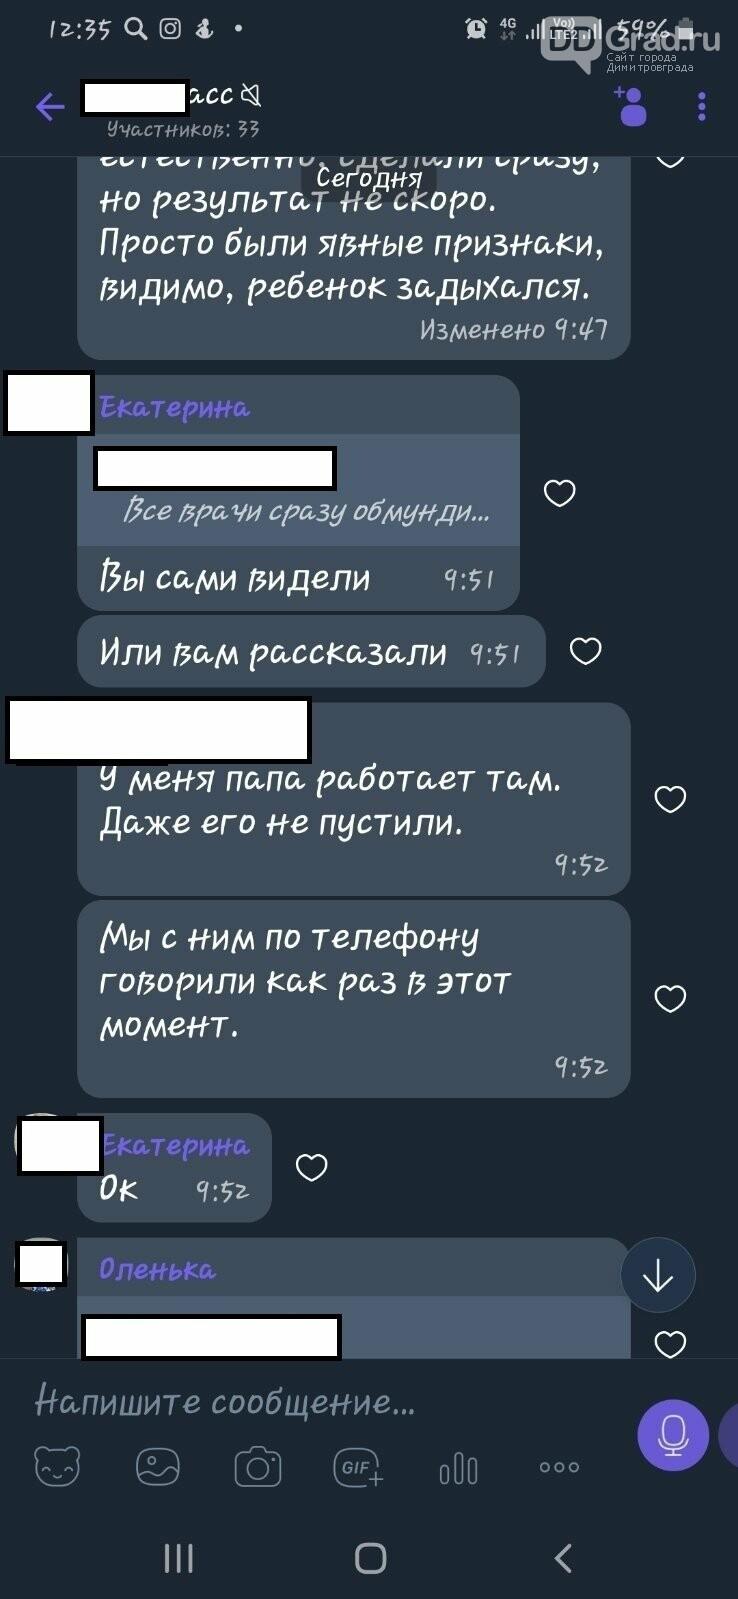 Димитровградские мамочки паникуют из-за информации о детской поликлинике, фото-2